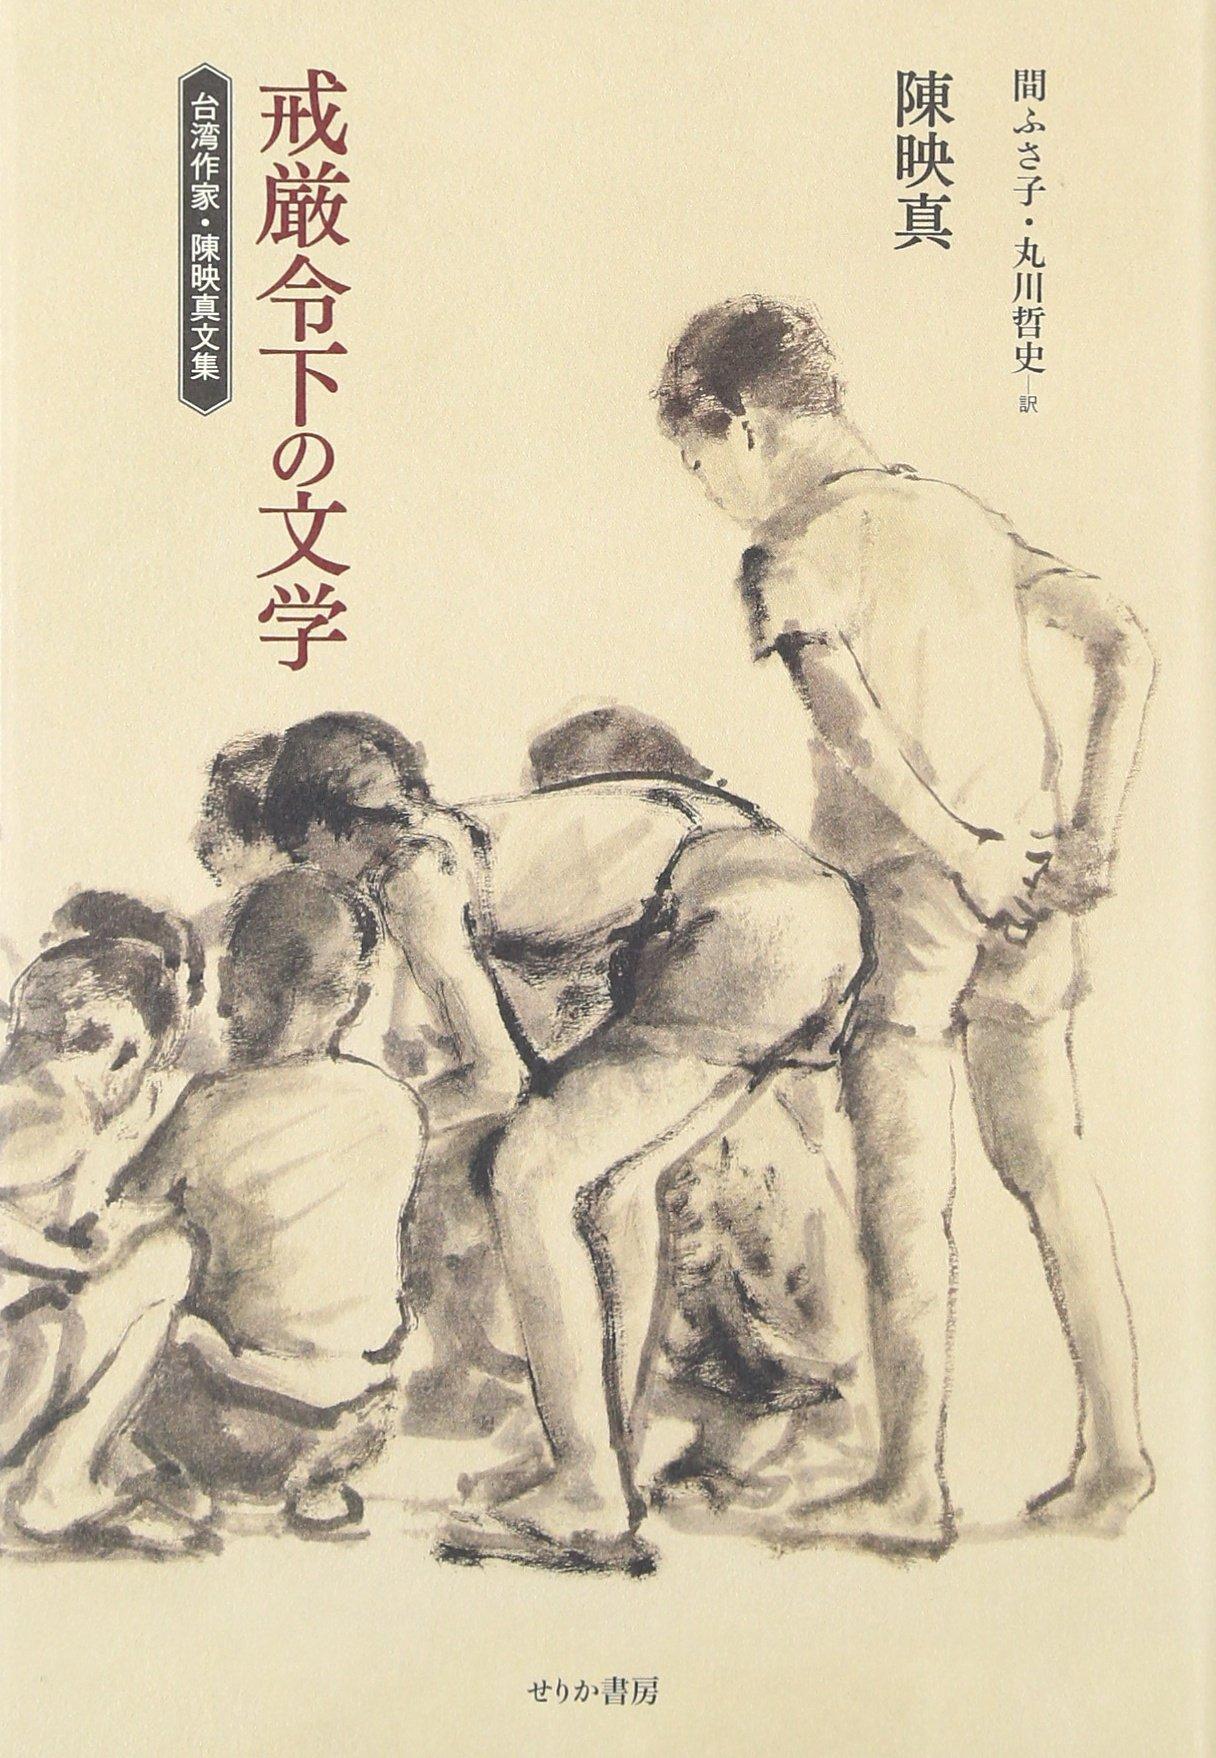 戒厳令下の文学―台湾作家・陳映真文集